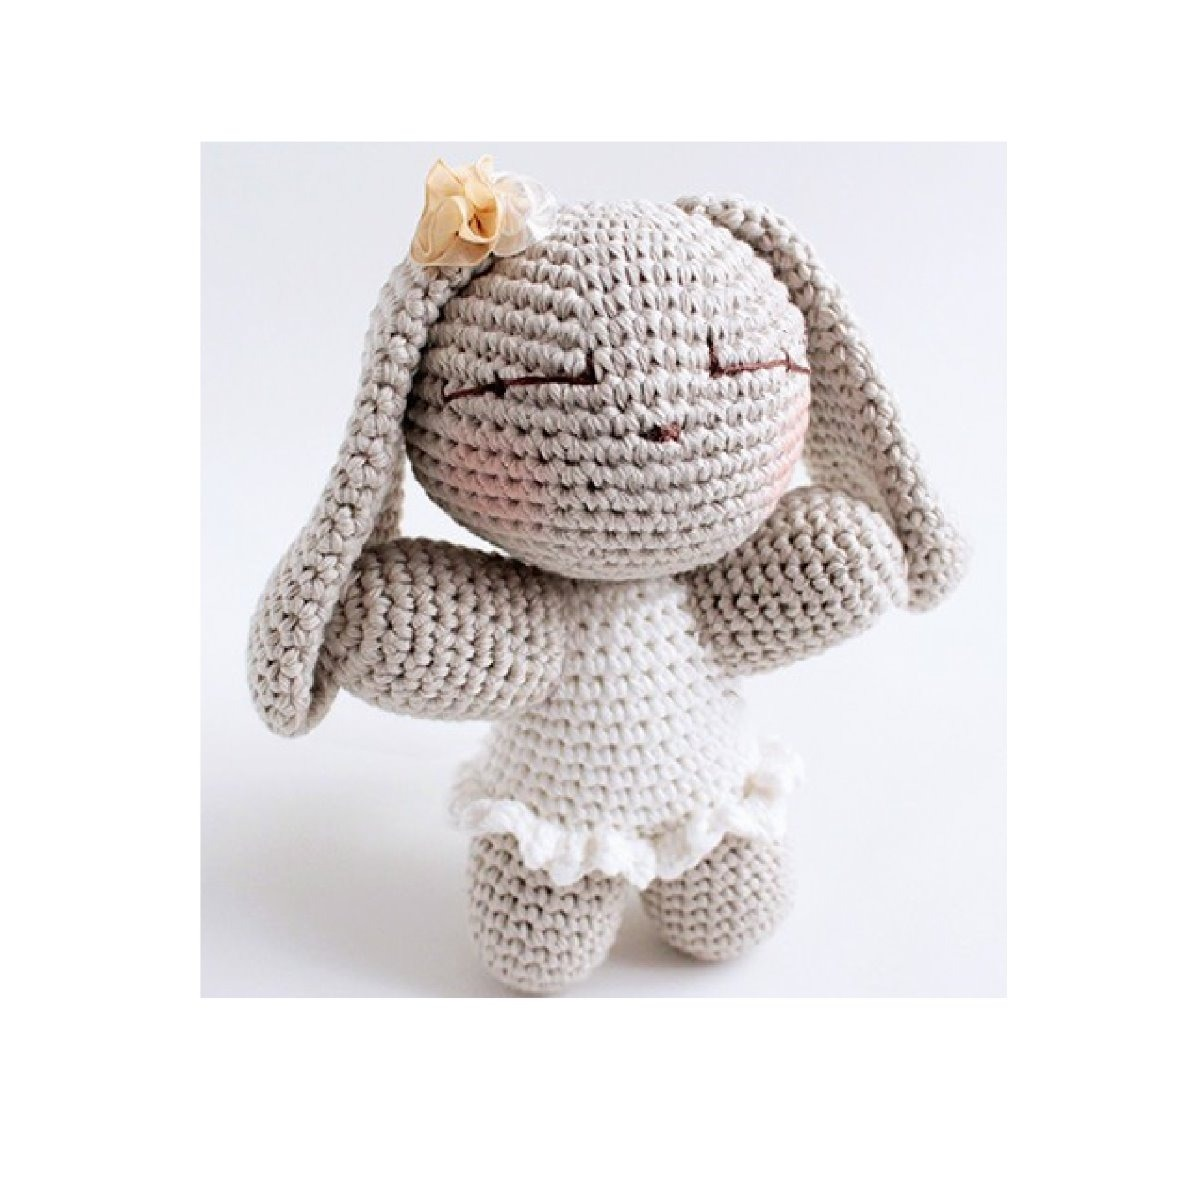 Crochet Recuerdos Bautismo Primera Comunión - $ 120.00 en Mercado Libre